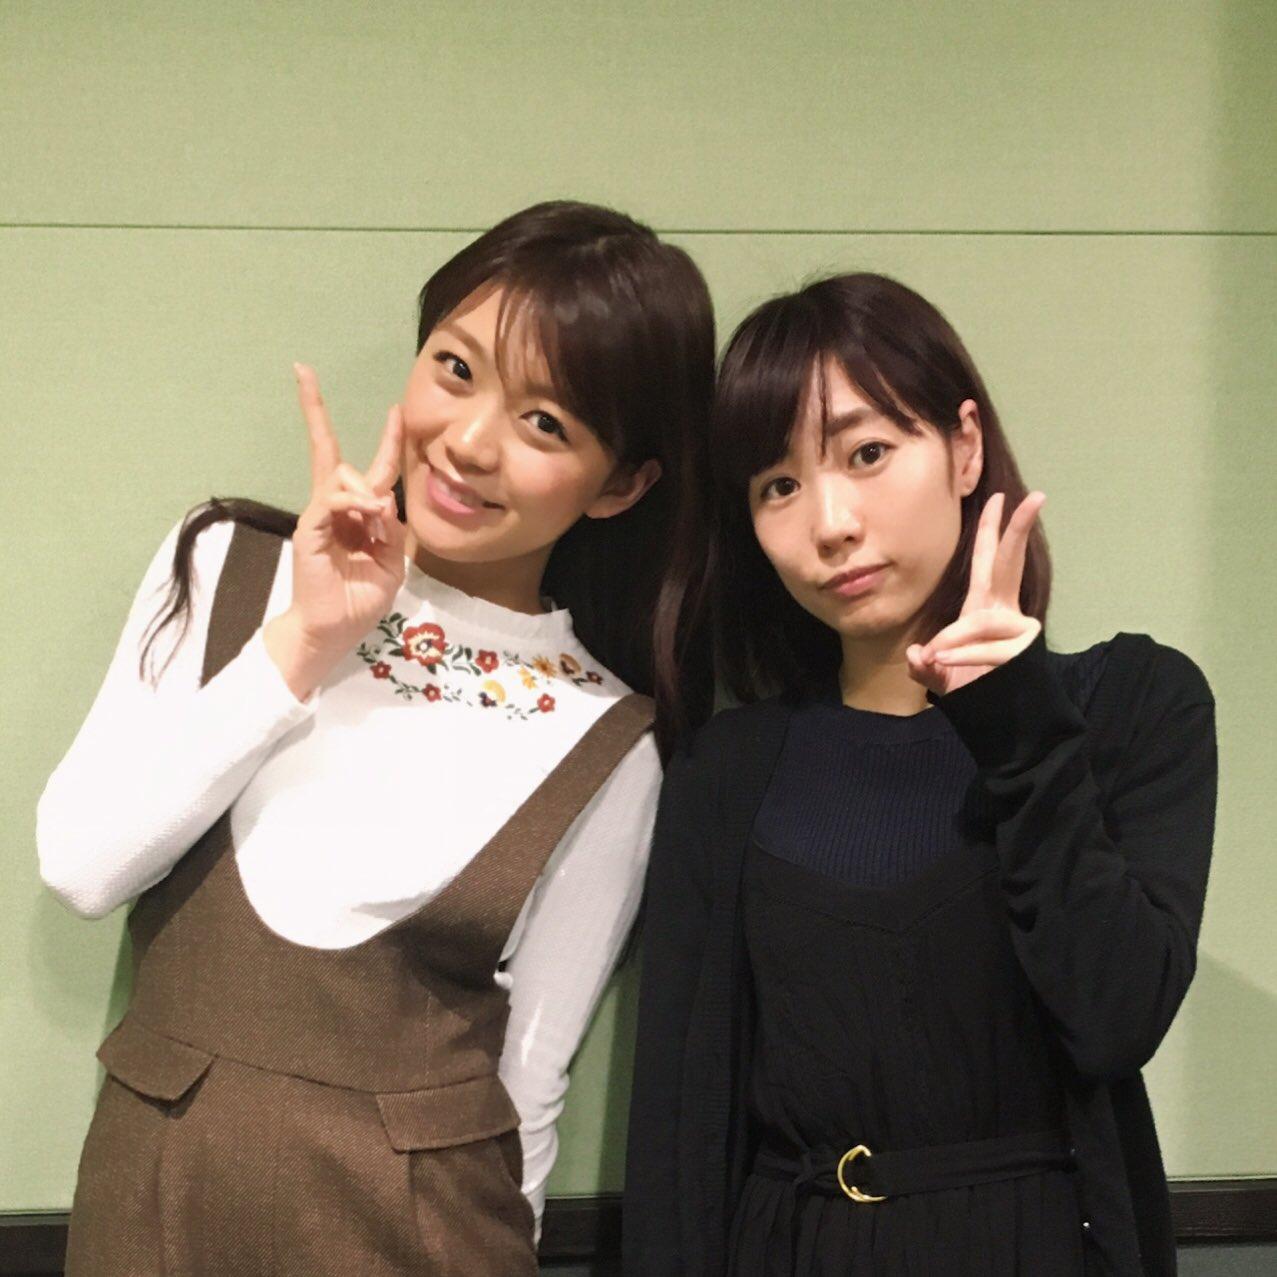 성우 미모리 스즈코 & 쿠스다 아이나씨의 사진, 라..